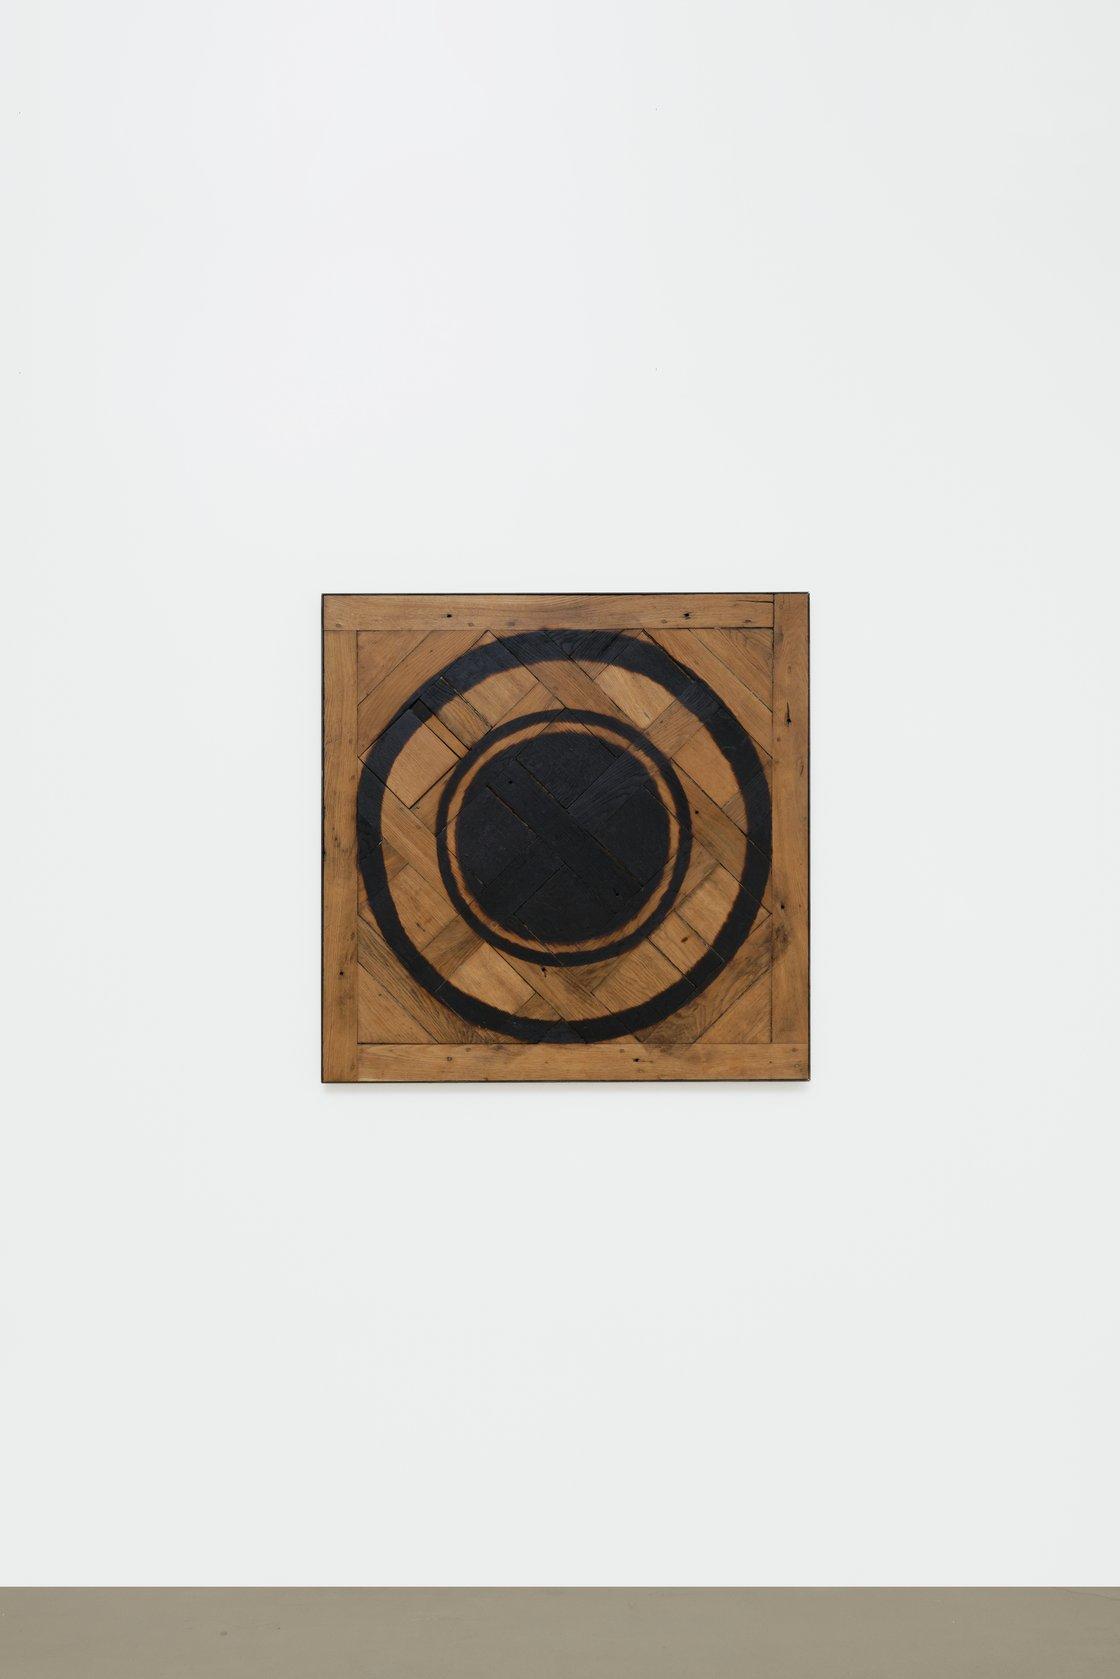 Oscar Tuazon, Eclipse, 2021